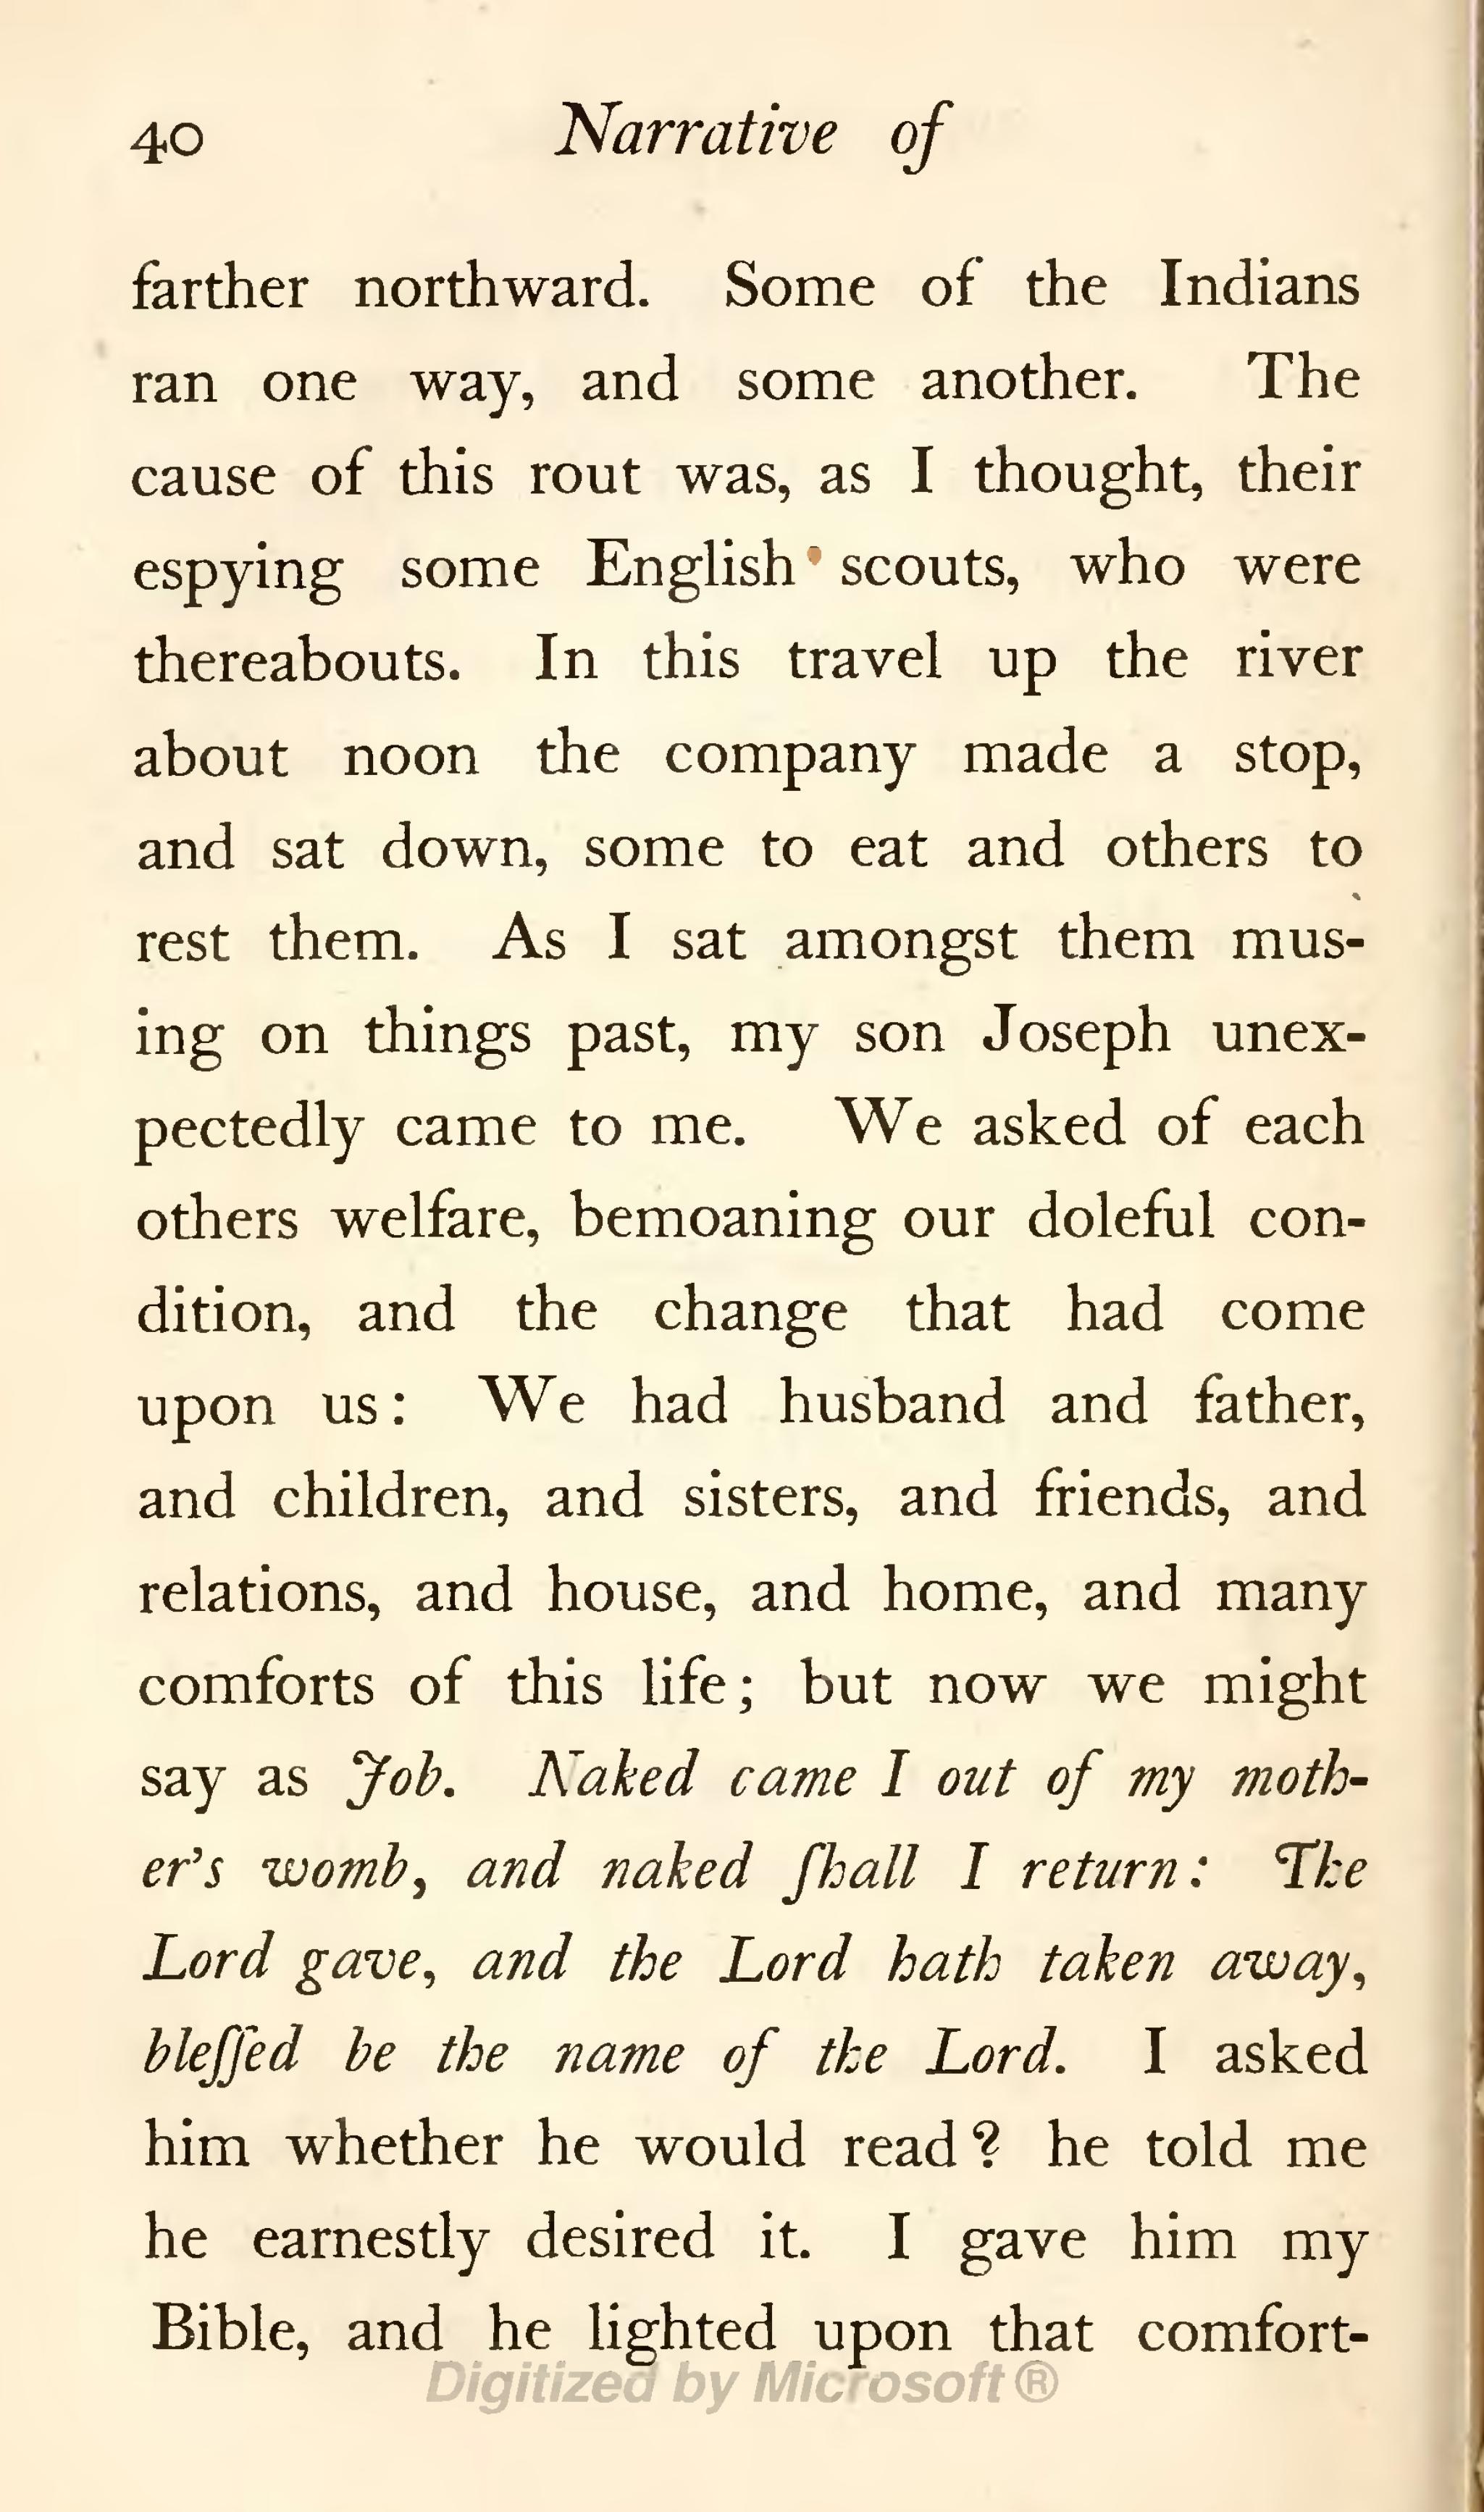 the account of mary rowlandson and Mary rowlandson's captivity narrative essay mary rowlandson's captivity narrative is about her the account of mary rowlandson and other.